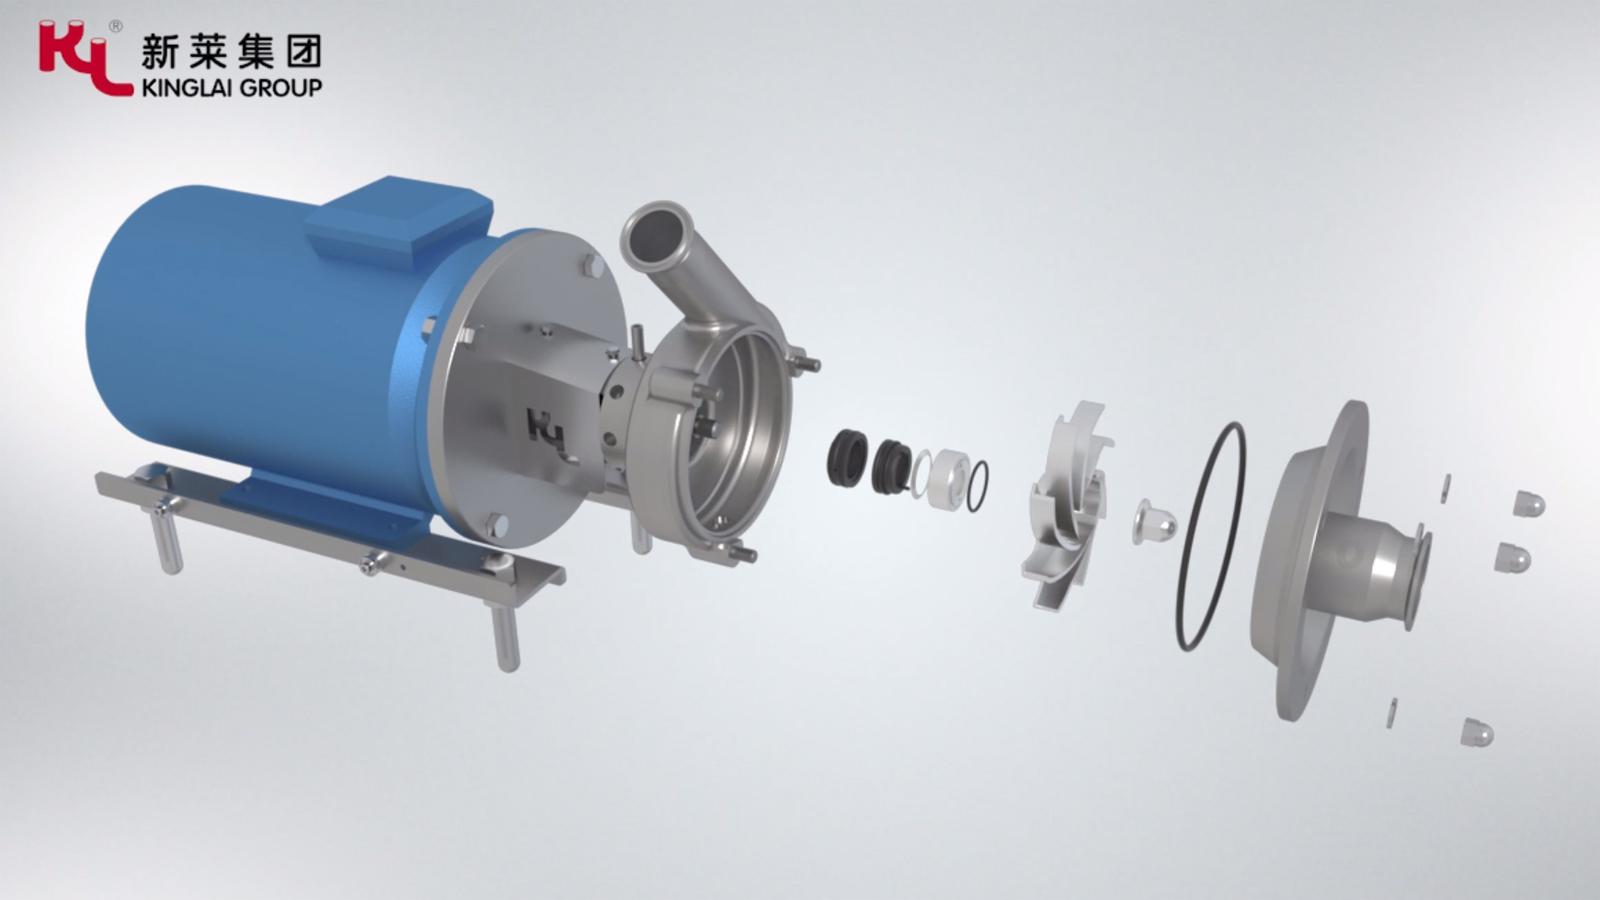 新莱集团卫生级高效离心泵动画展示